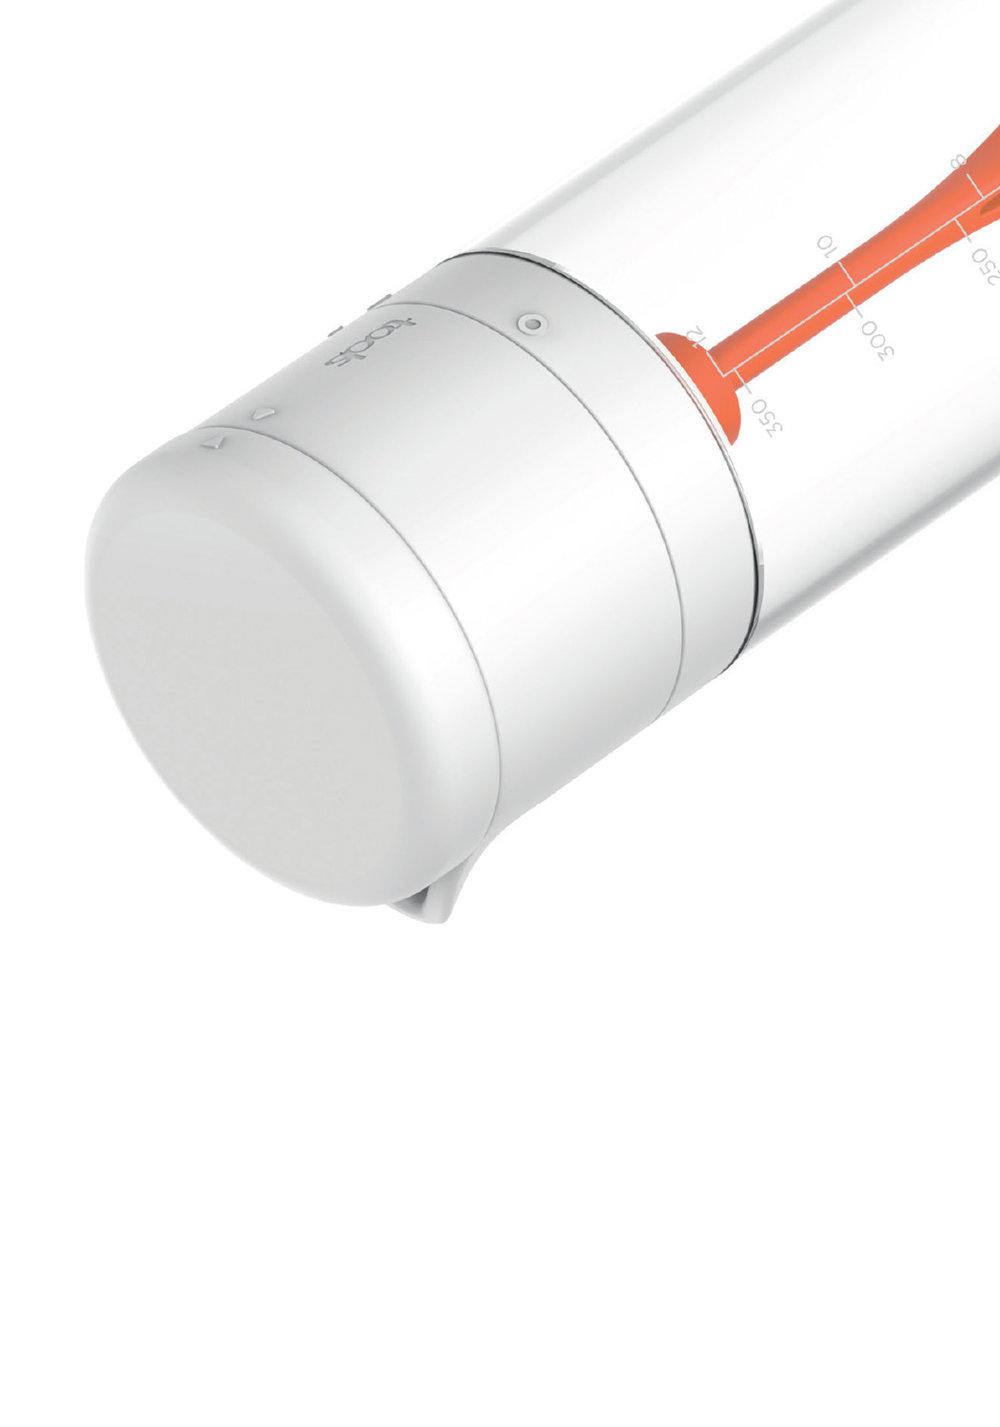 VERROUILLAGE INTégré - Simple et fonctionnel : Déverrouillez le bouton pressoir pour actionner le mécanisme. Une fois terminé, ouvrez le bec verseur et servez !Pratique : Verrouillez la tête et conserver votre vinaigrette dans la porte d evotre réfrigérateur. Il vous suffira de redonner un petit coup la prochaine fois pour retrouver votre mélange initial.• Mécanisme à piston• Pale intérieure étudiée pour racler le fond• Graduation + recettes• Rangement facile dans le réfrigérateur500322 TWISTER